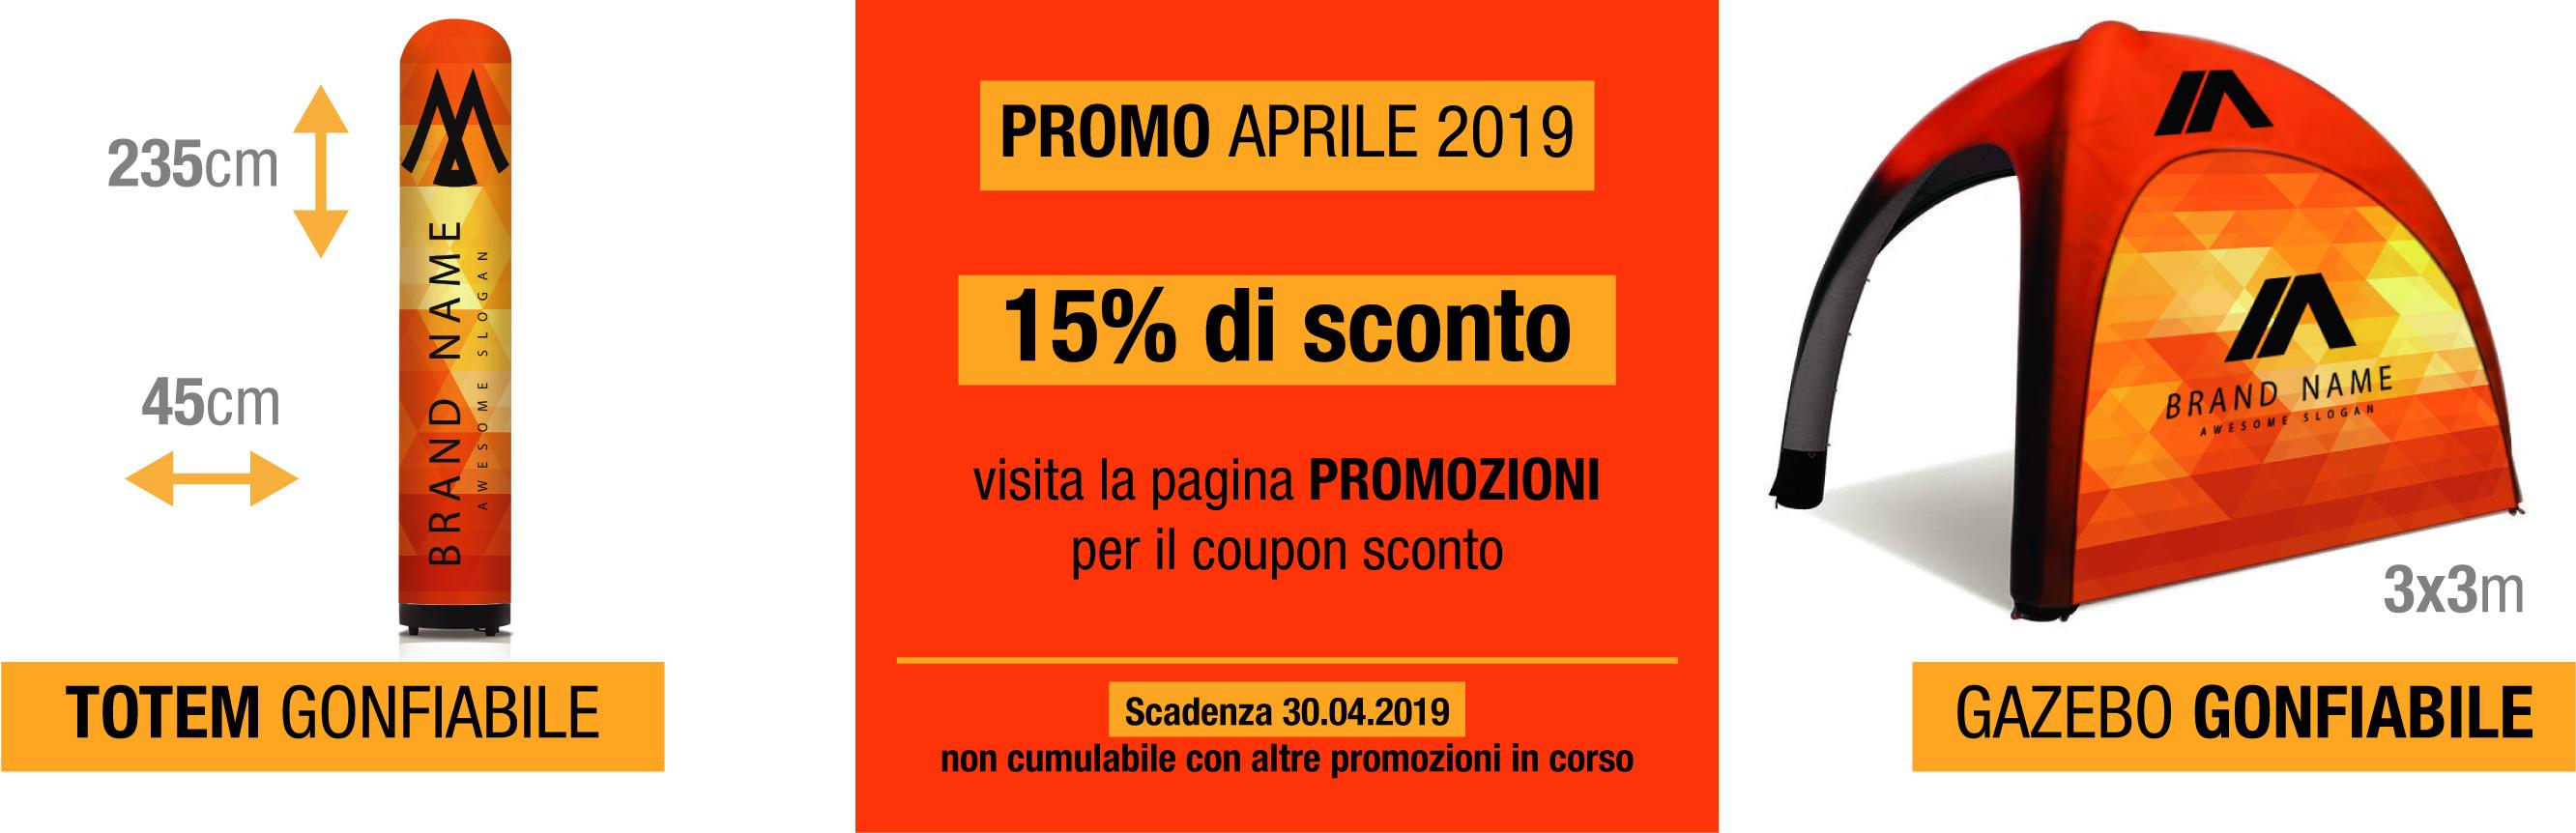 promozione gonfiabili aprile 2019